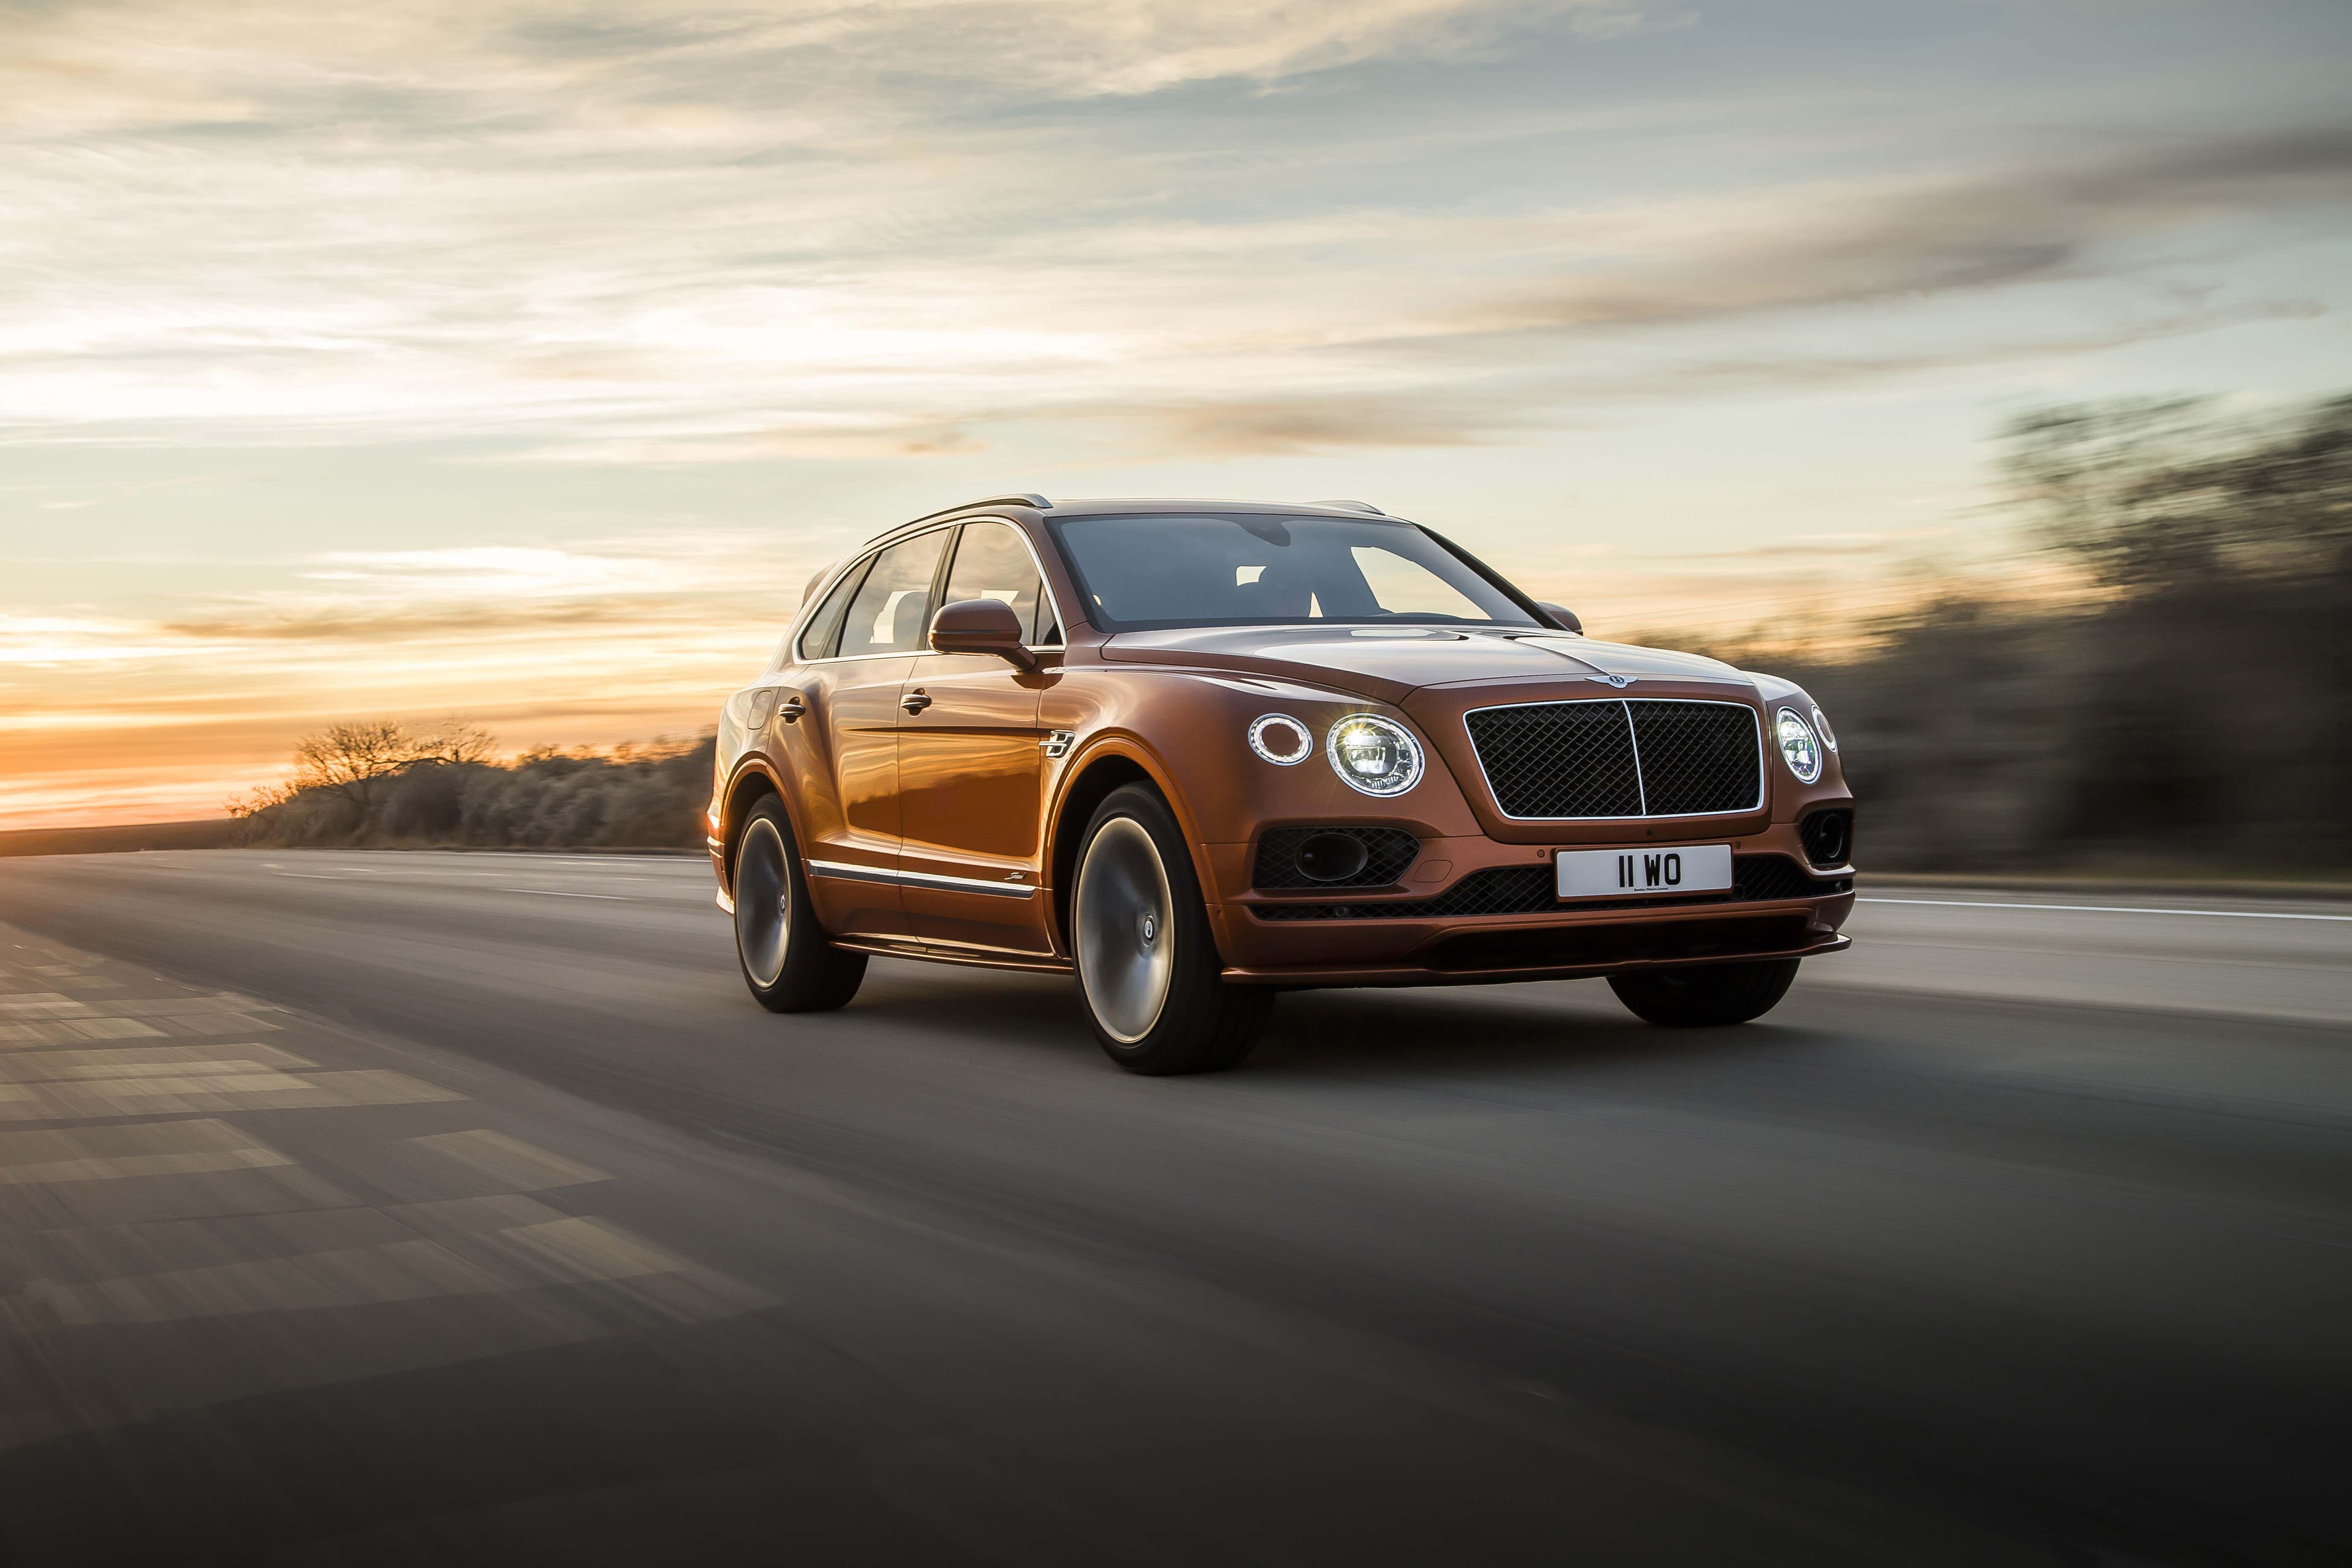 Bentley Bentayga Speed 2019 Prices Specs And Uk Release Date The Week Uk